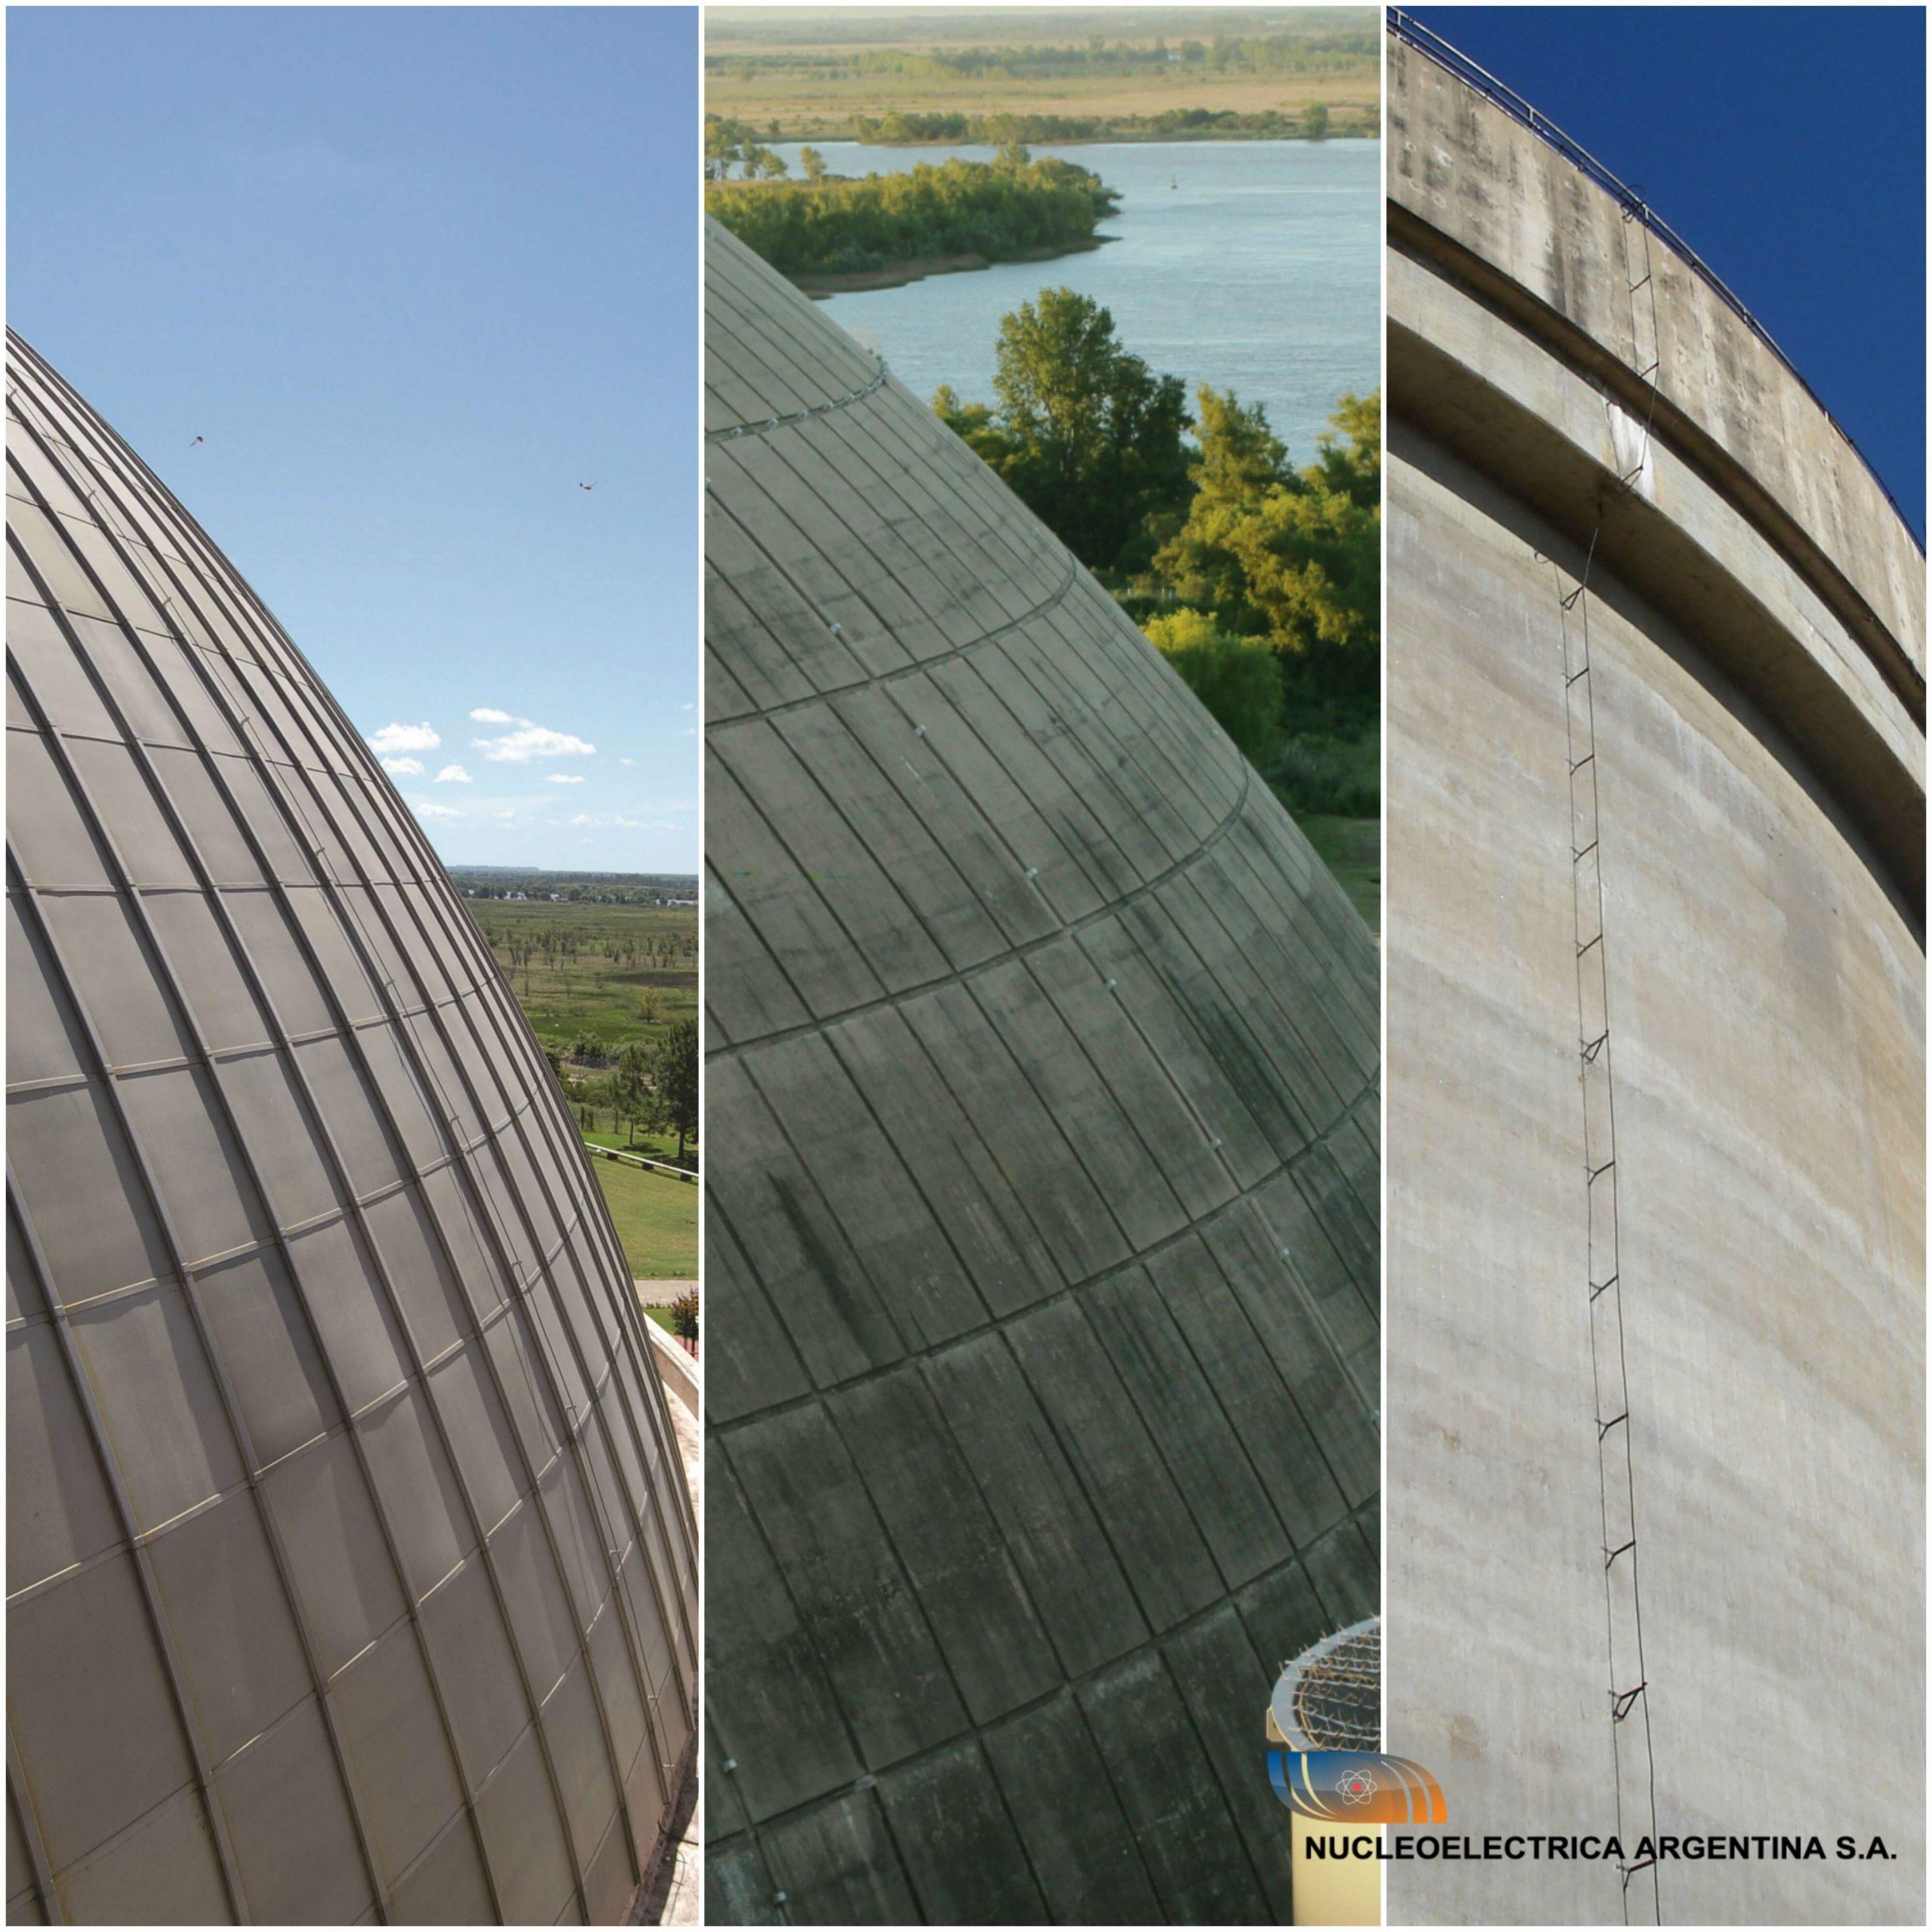 Centrales nucleares argentinas: nuevo récord histórico de generación eléctrica